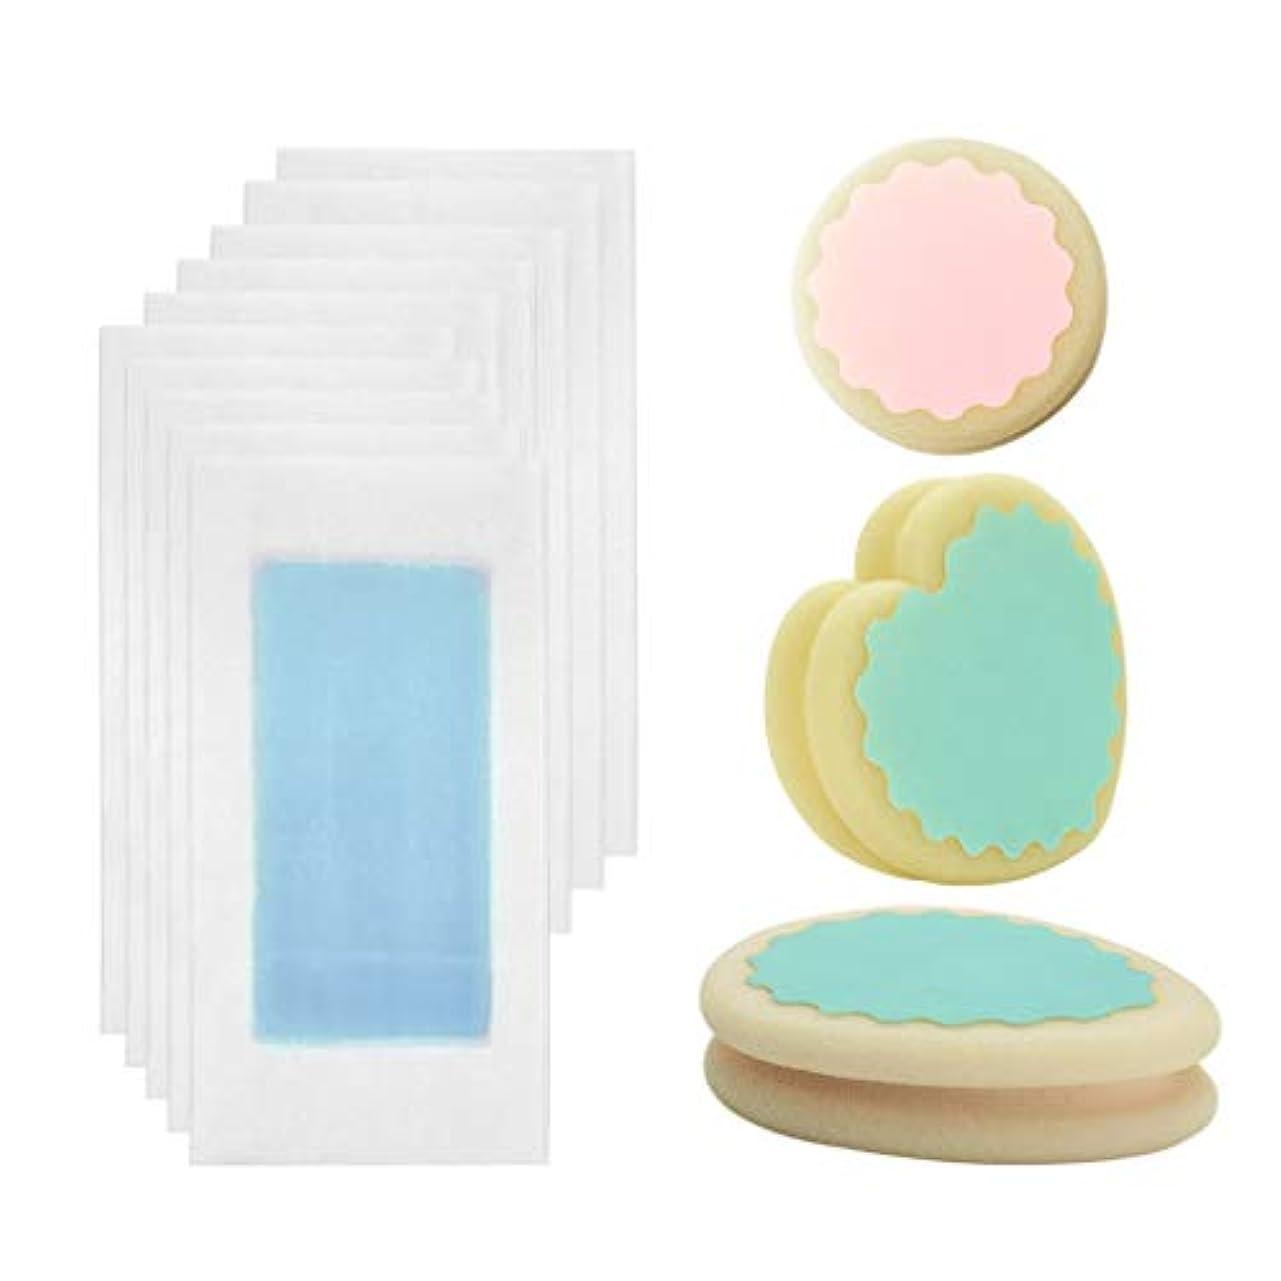 ハシーベッドを作る意味するHellery スポンジ ワックスストリップ 脱毛スポンジワックスストリップ 全3カラー - 青